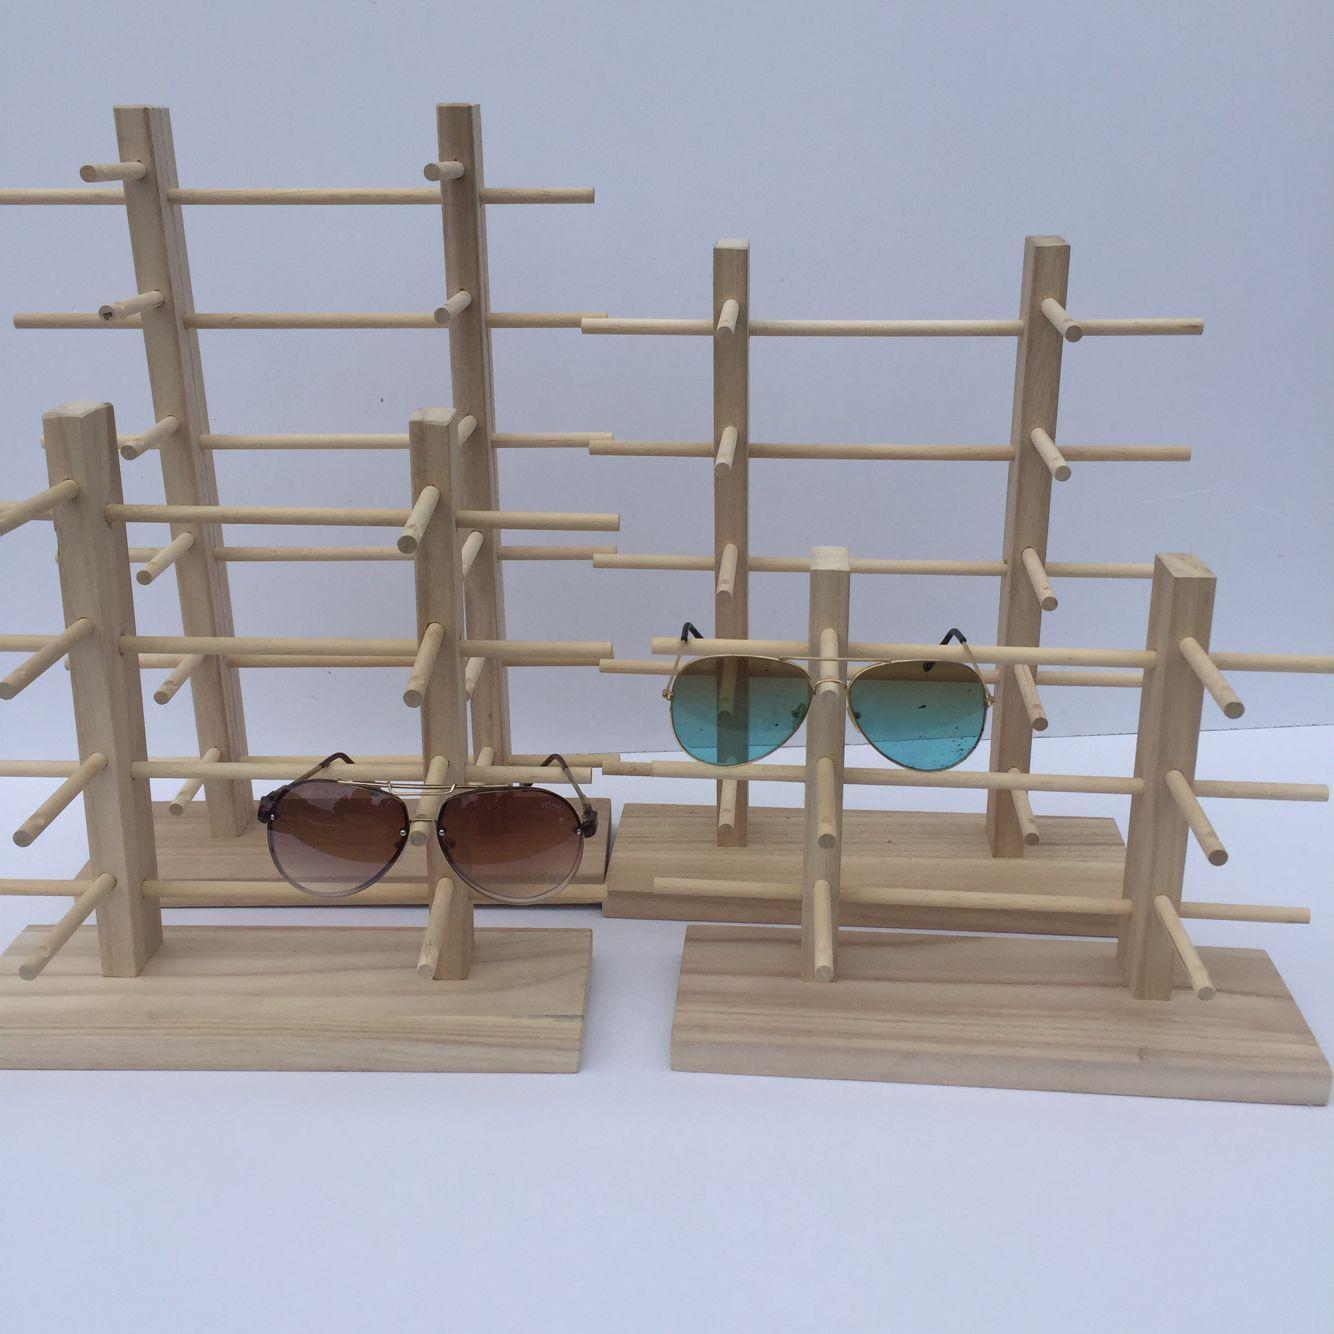 Высококачественный очки дисплей чисто деревянный оптика очки подбородок темные очки шоу небольшой реквизит очки чэн строка полка